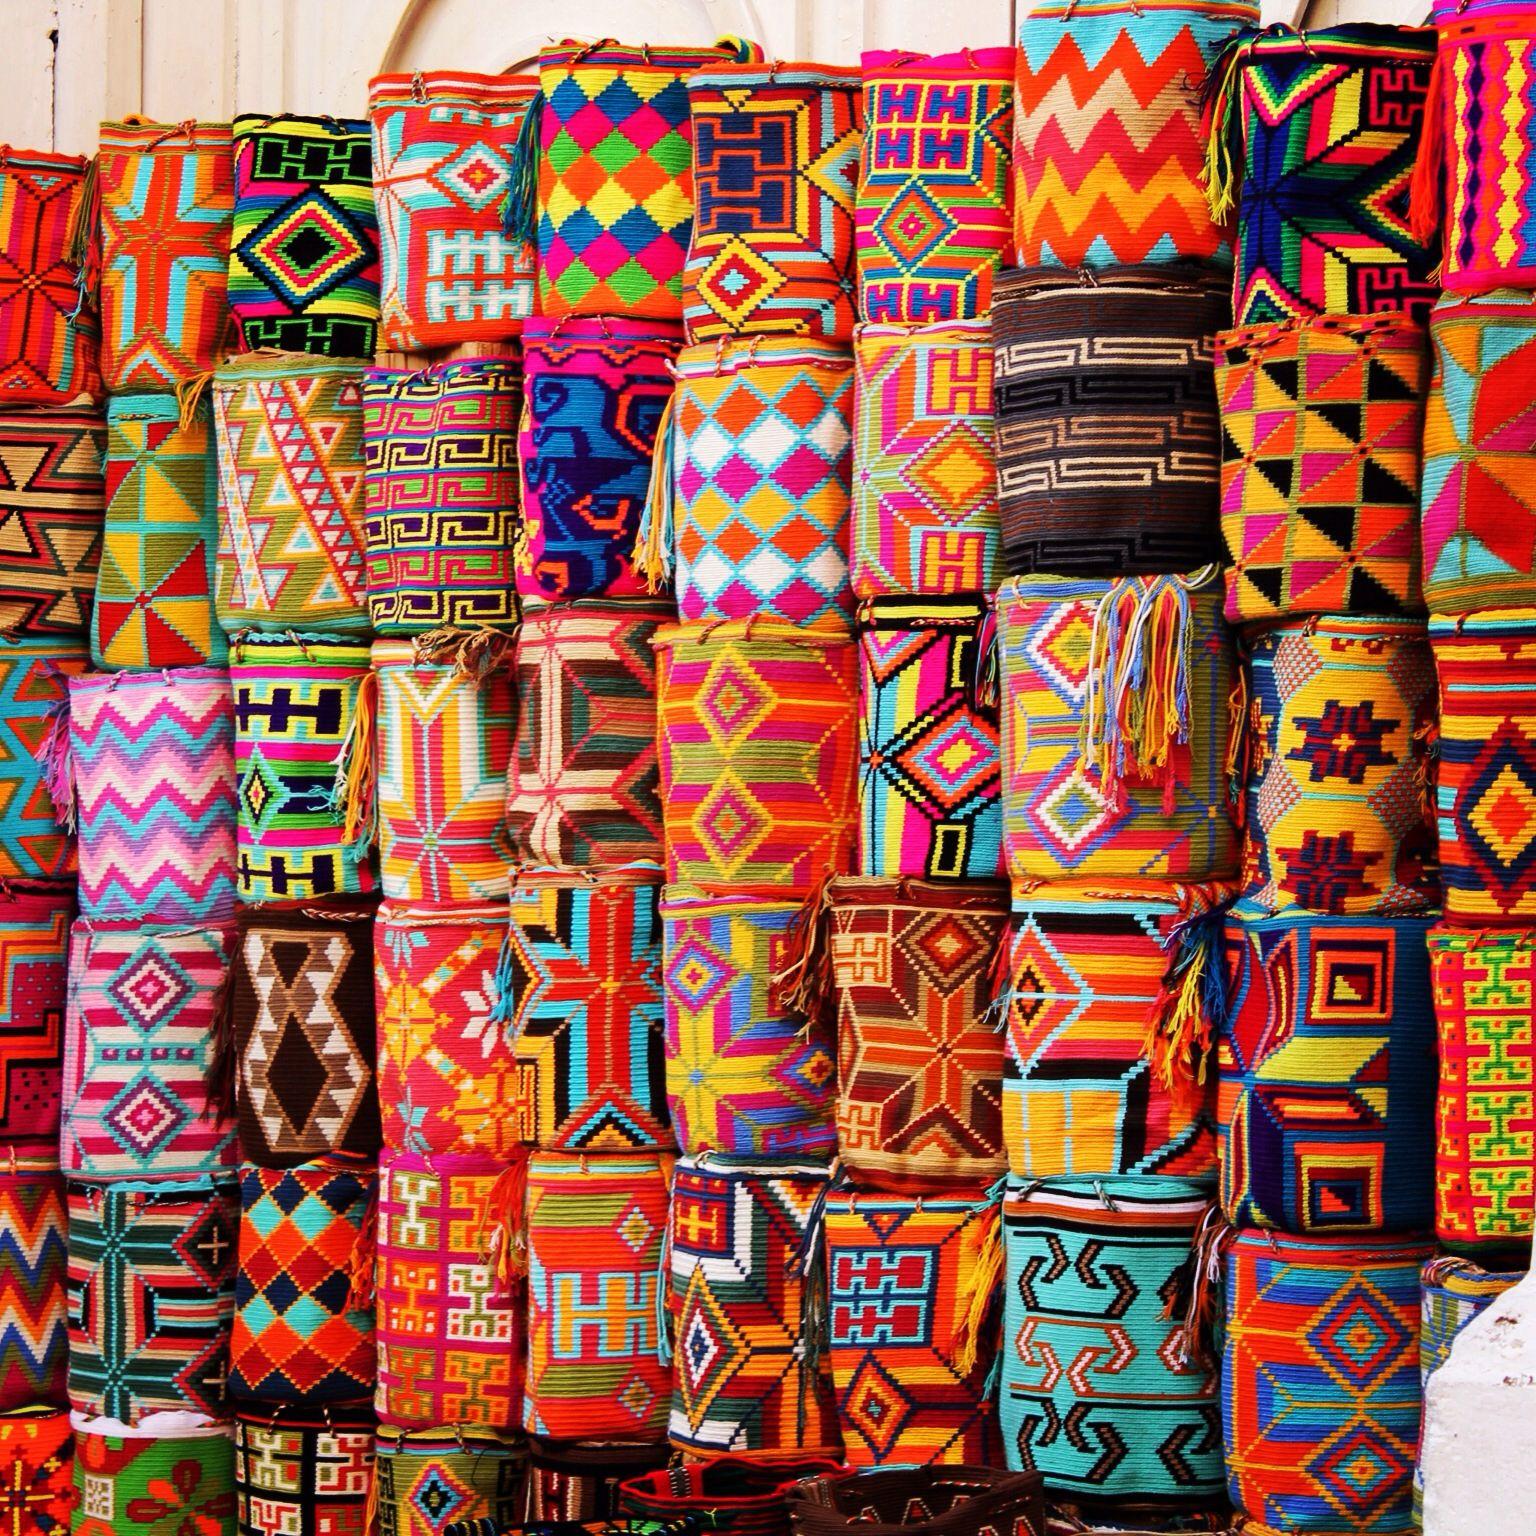 Wat CartagenaColombia GaafZo'n Tas Dit Mochilas; Wayuu Jeetje Is 80NvmwnO